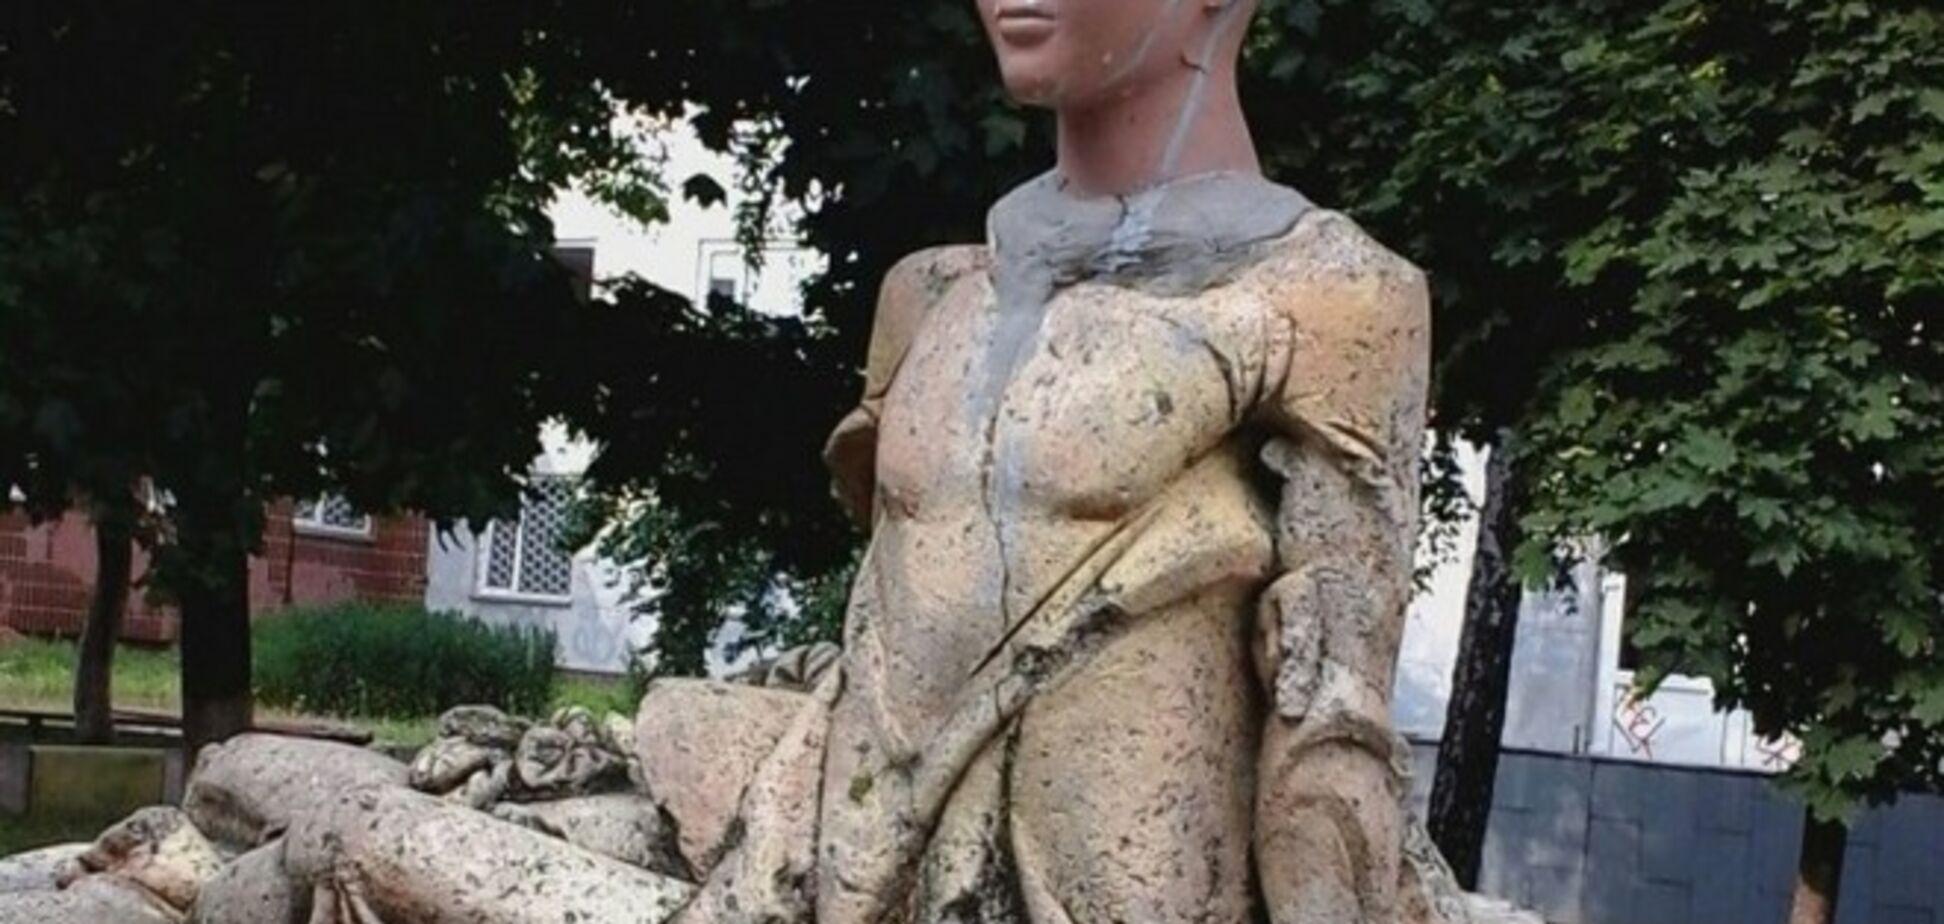 Обновленная скульптура Дюймовочки напугала киевлян